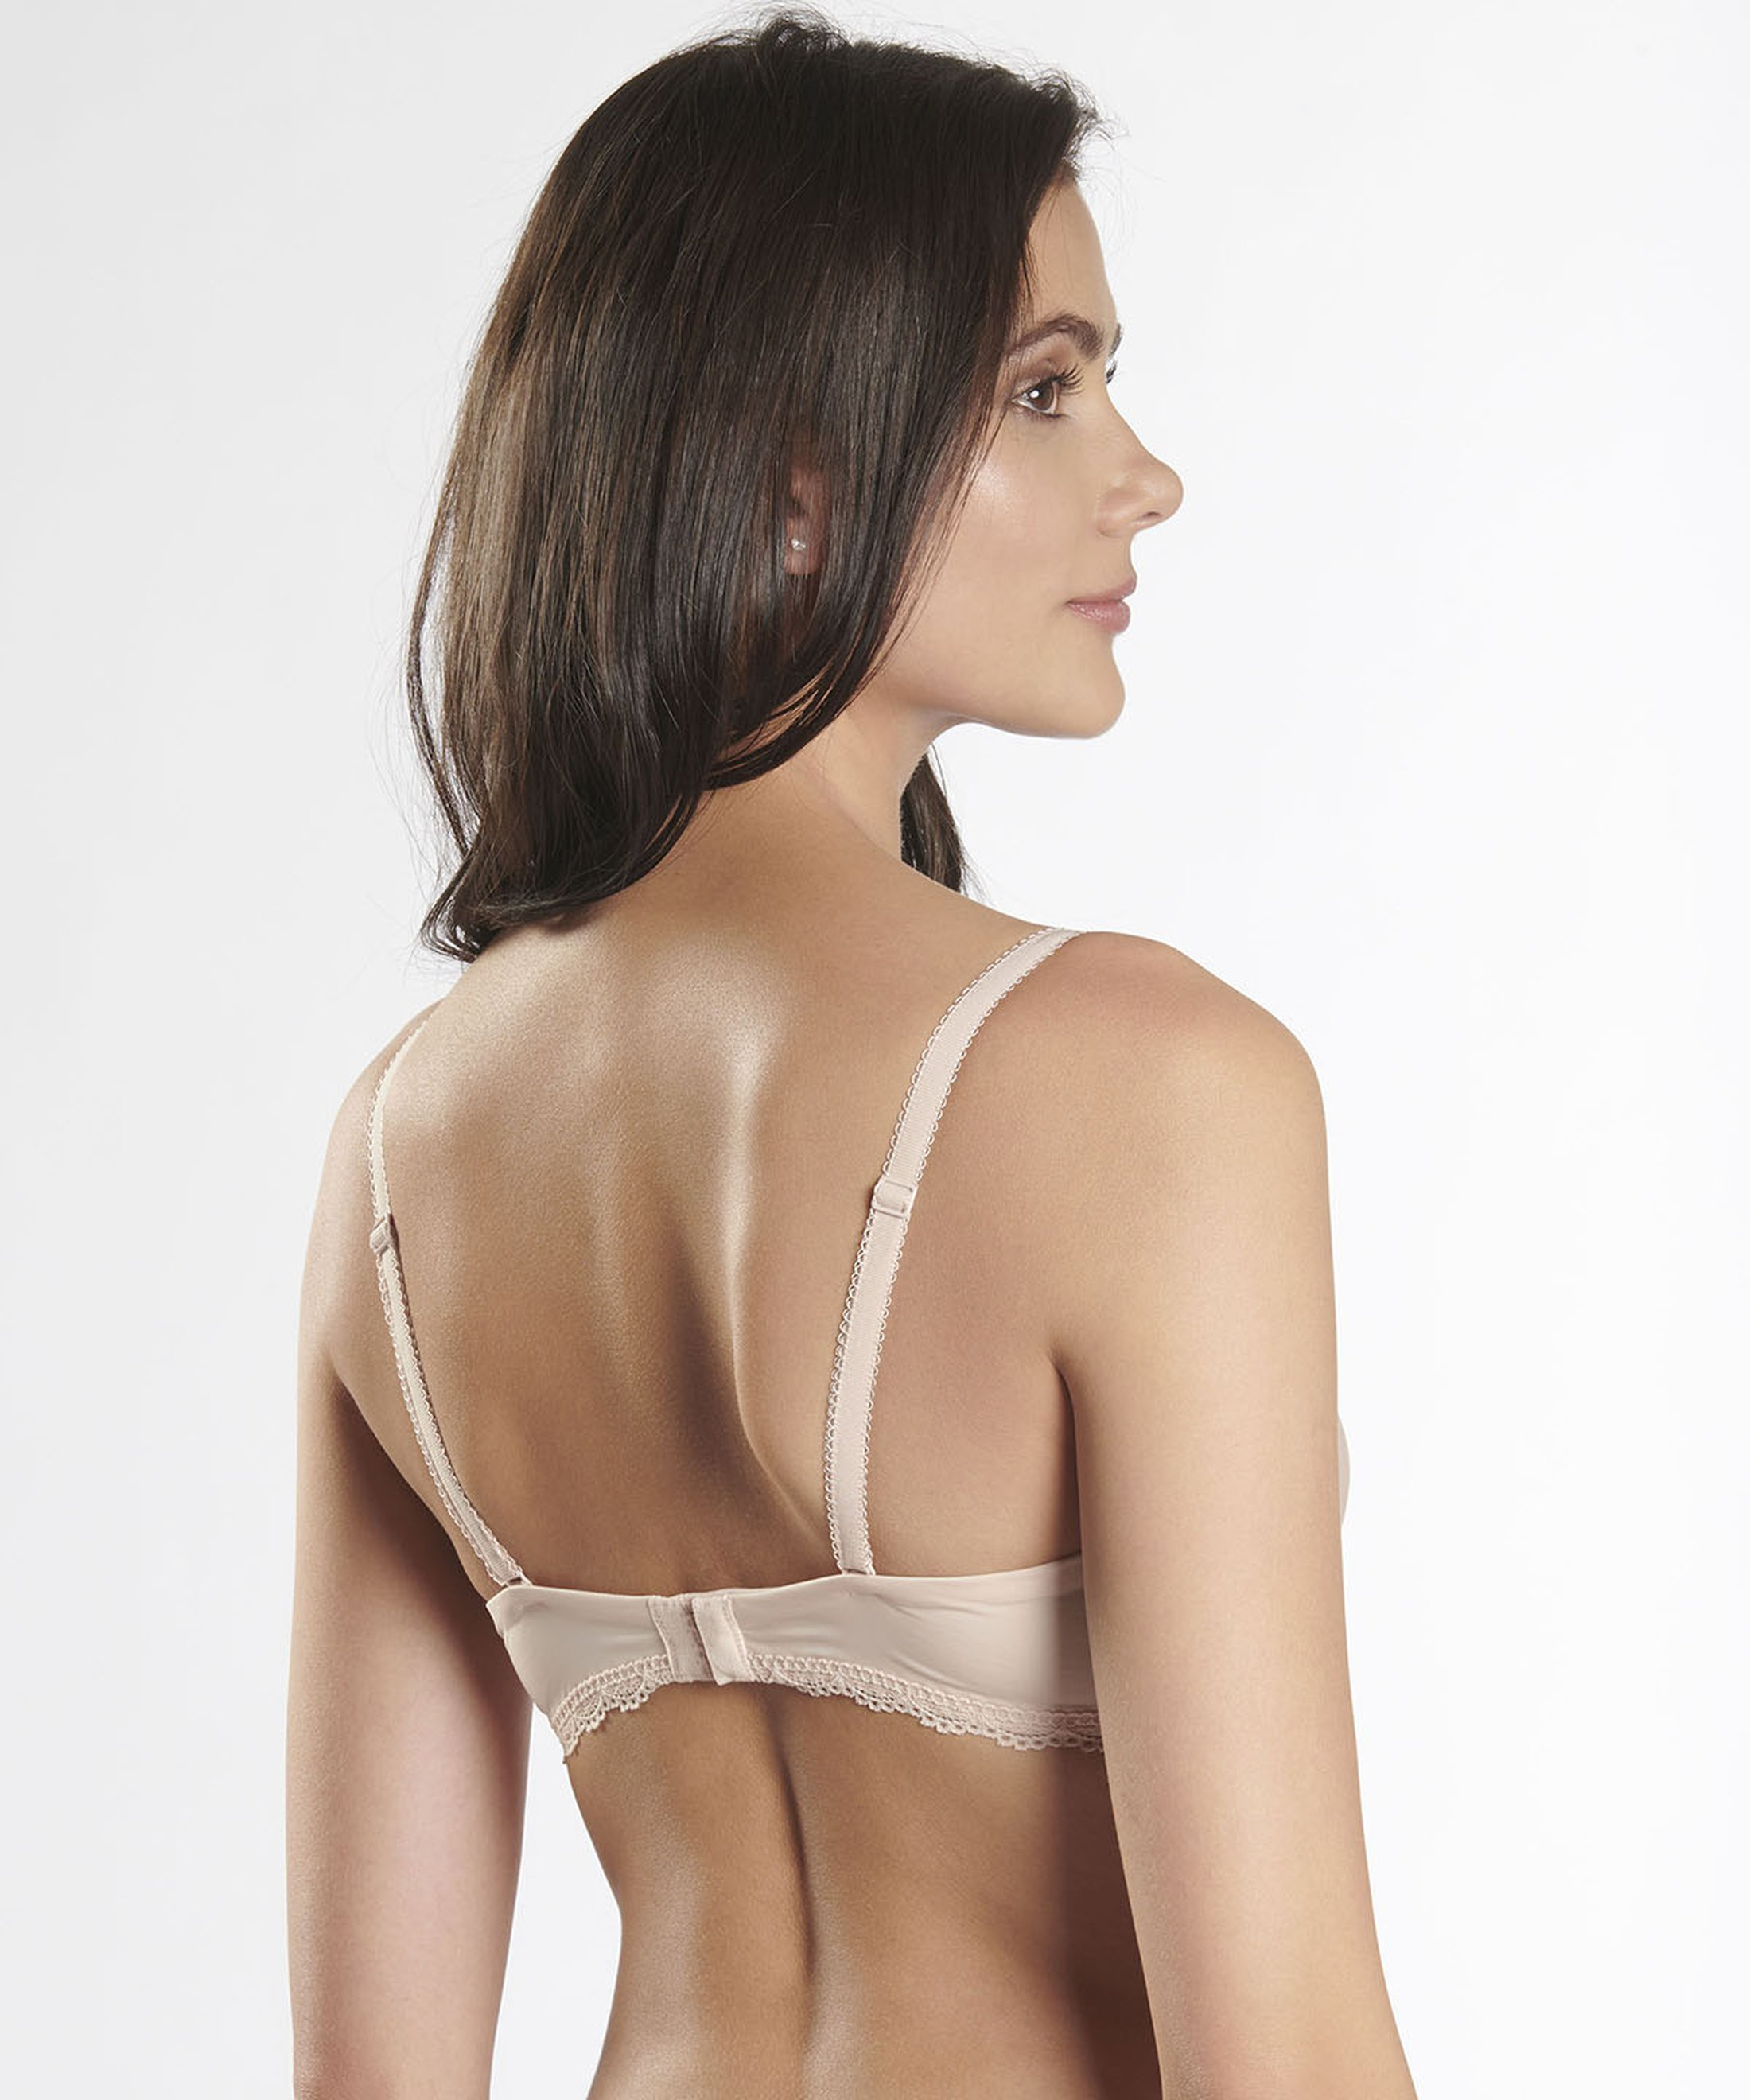 LYSESSENCE Soutien-gorge T-shirt bra Nude d'Été | Aubade